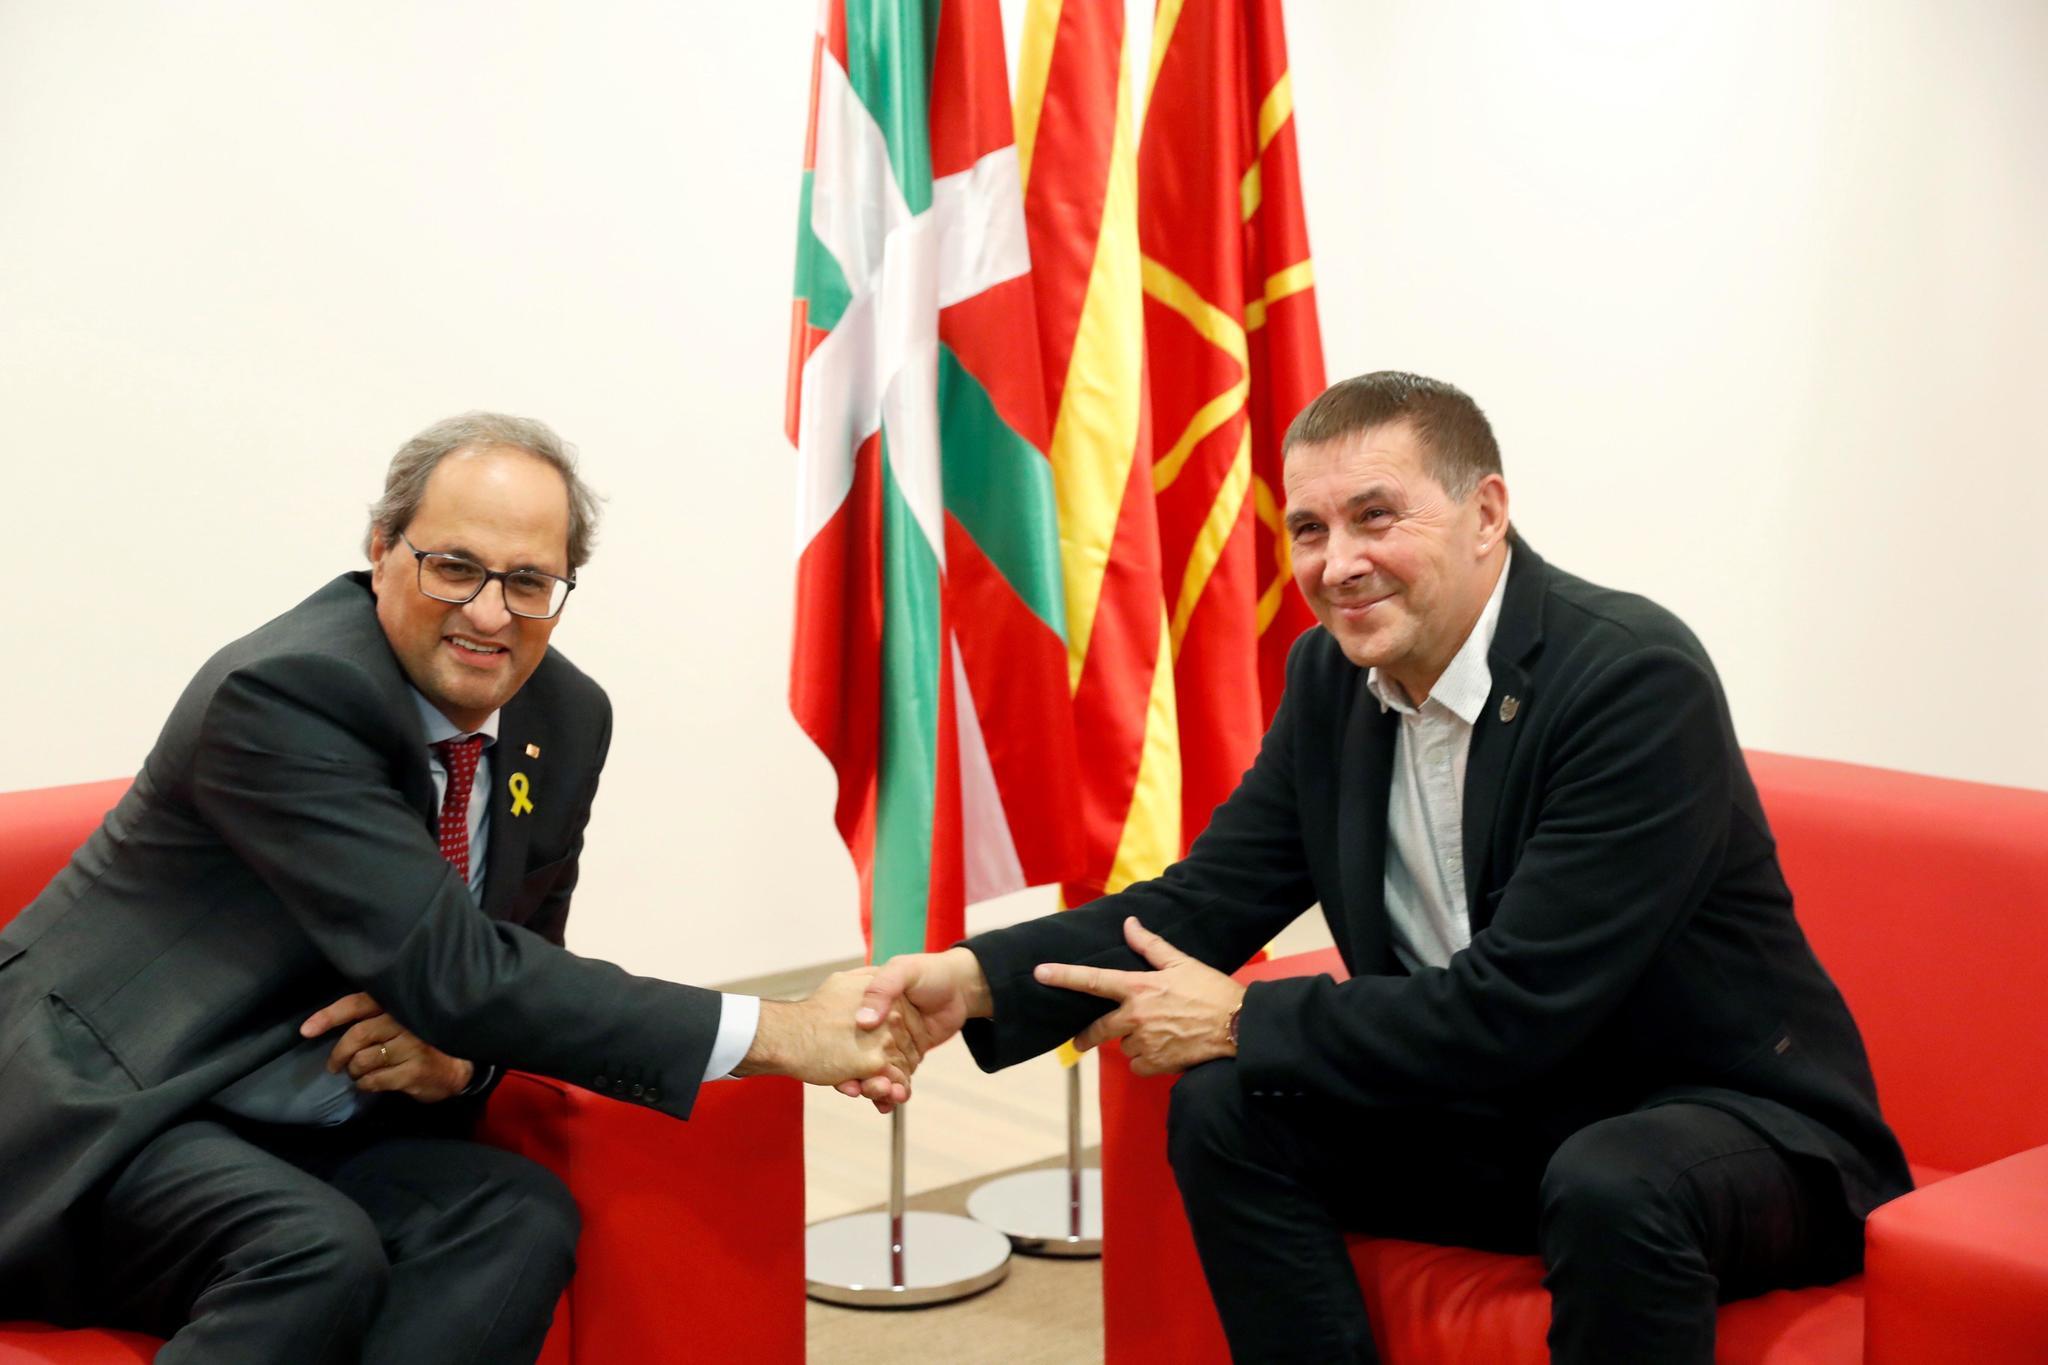 El presidente de Cataluña Quim Torra junto a Arnaldo Otegi durante su encuentro en San Sebastián.